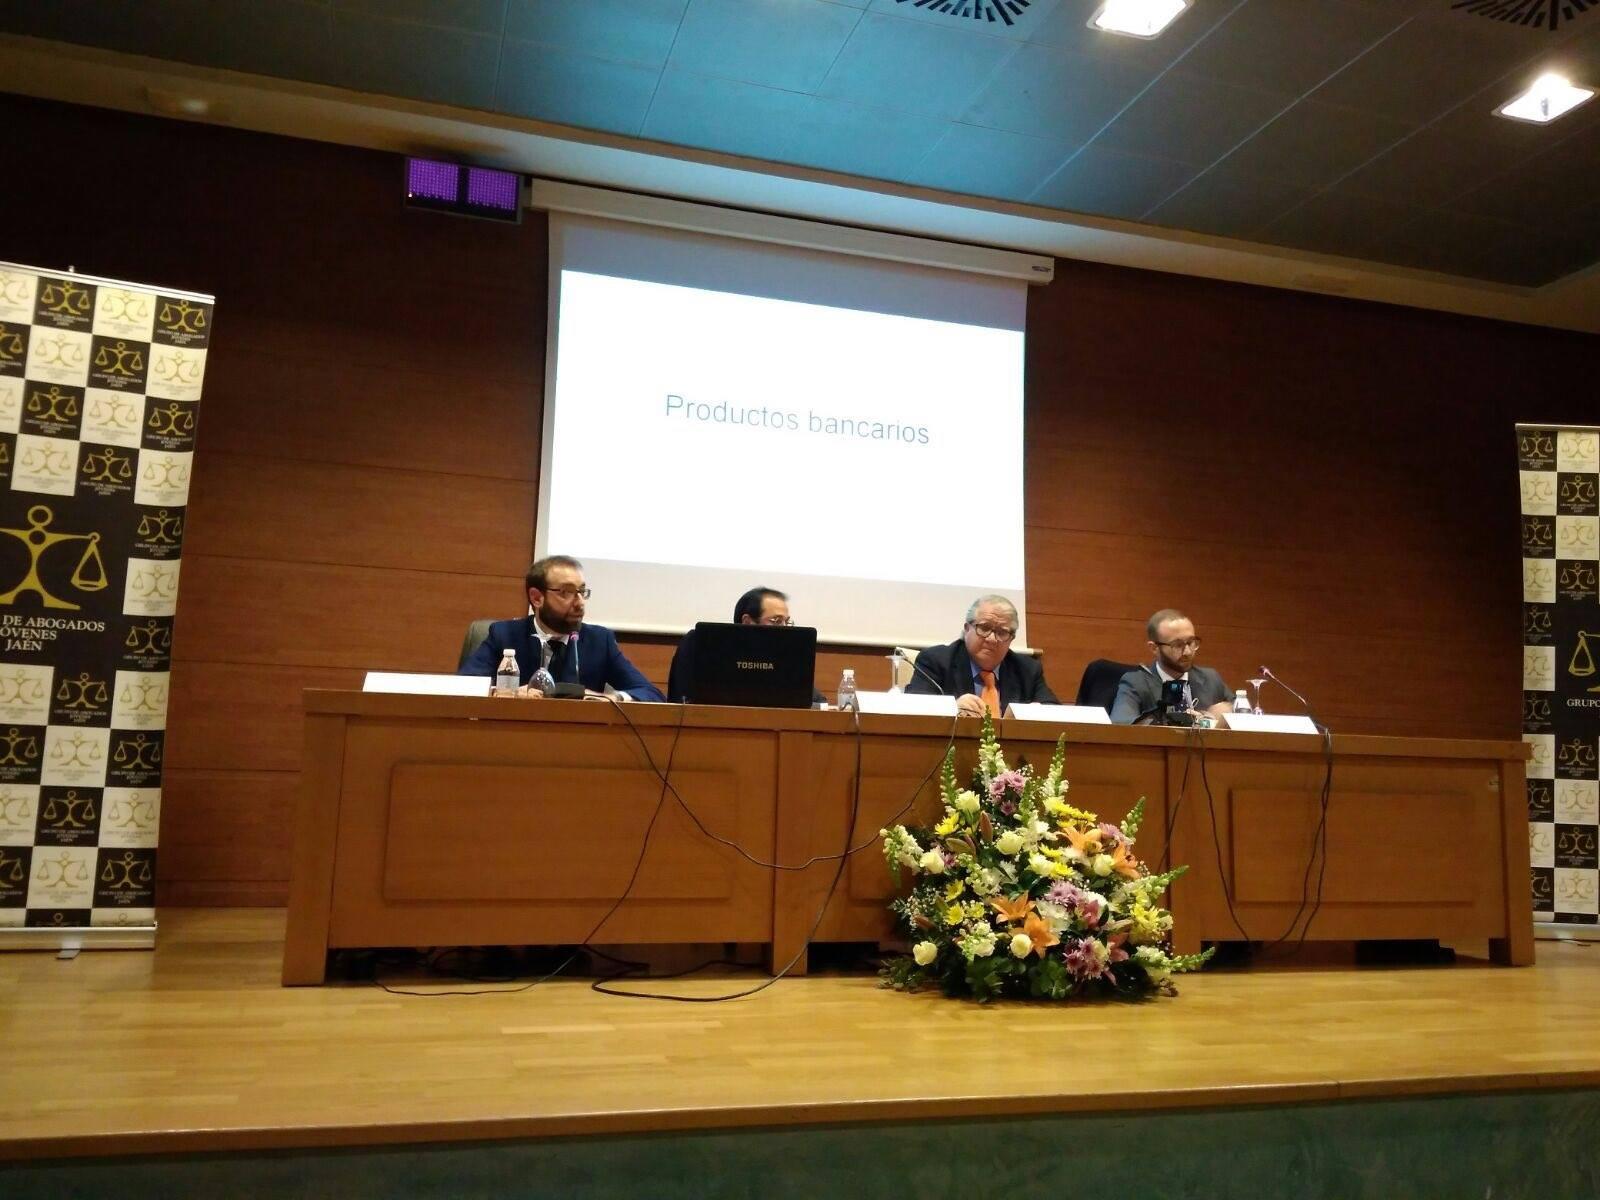 Los gastos de formalización de hipoteca y el derecho bancario a debate en el Palacio de Congresos de